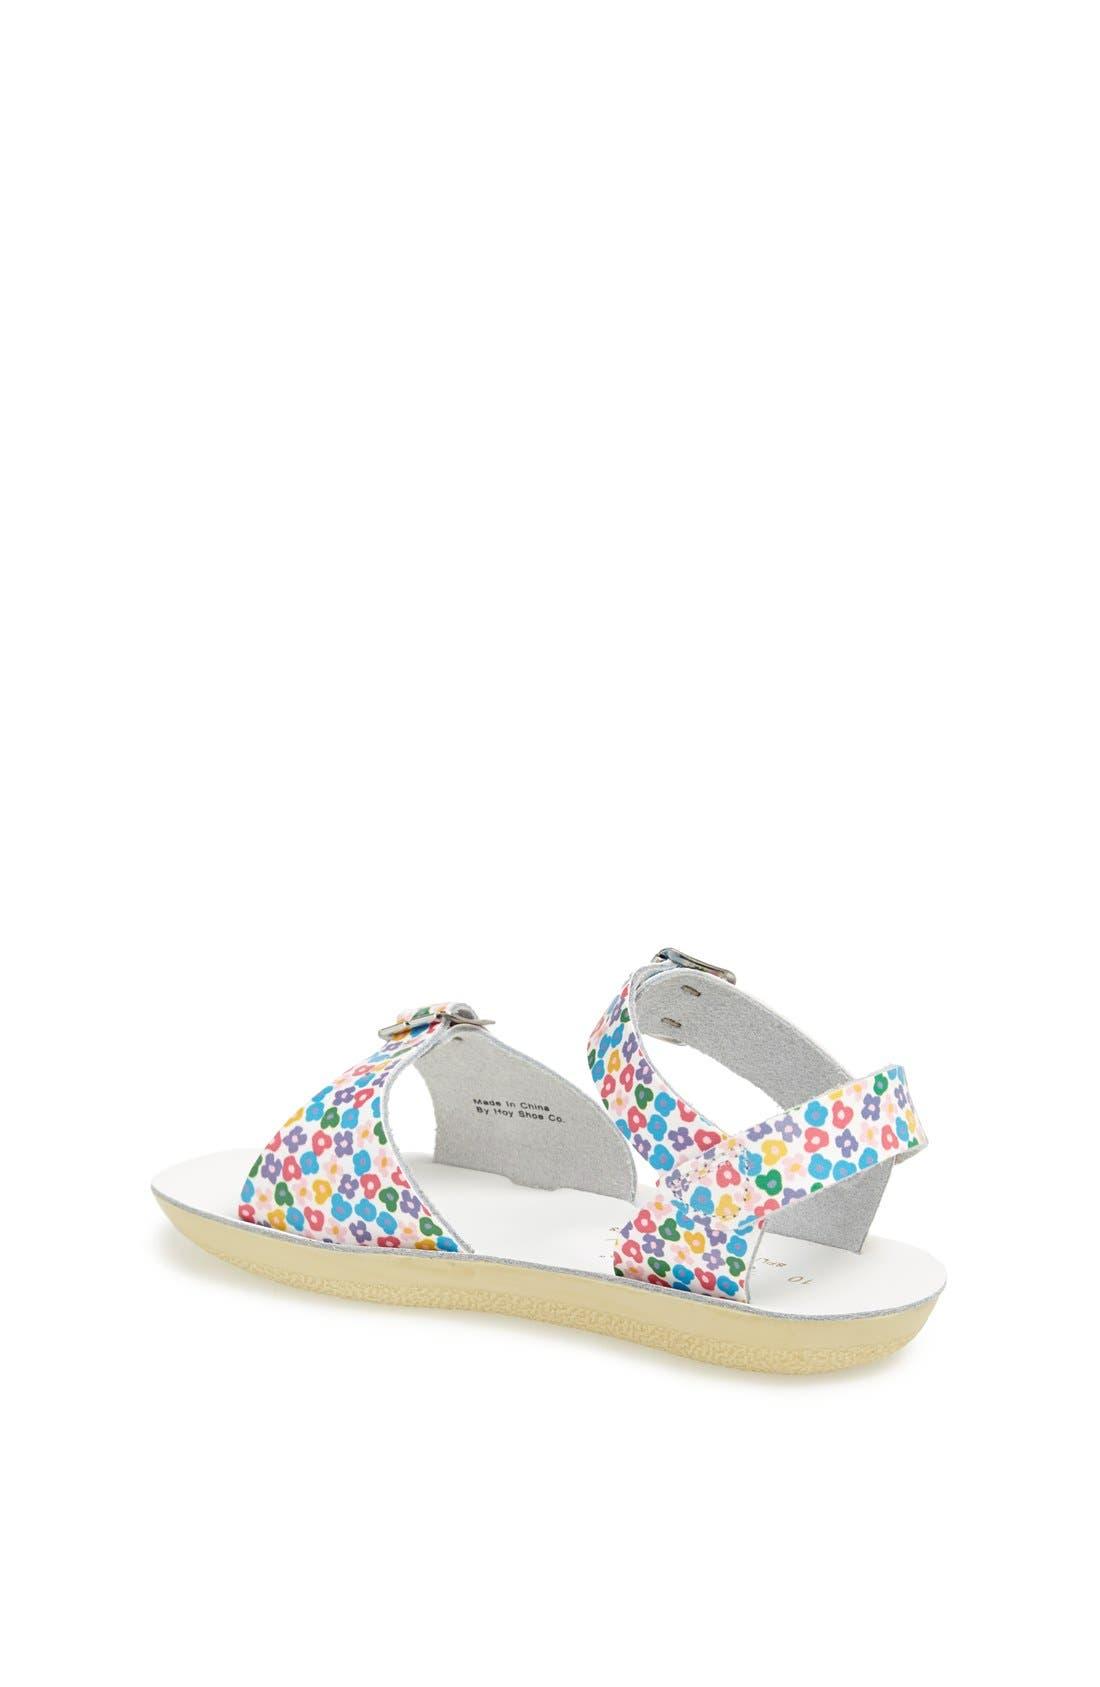 Alternate Image 2  - Salt Water Sandals by Hoy Shoe Company 'Floral Surfer' Sandal (Toddler)